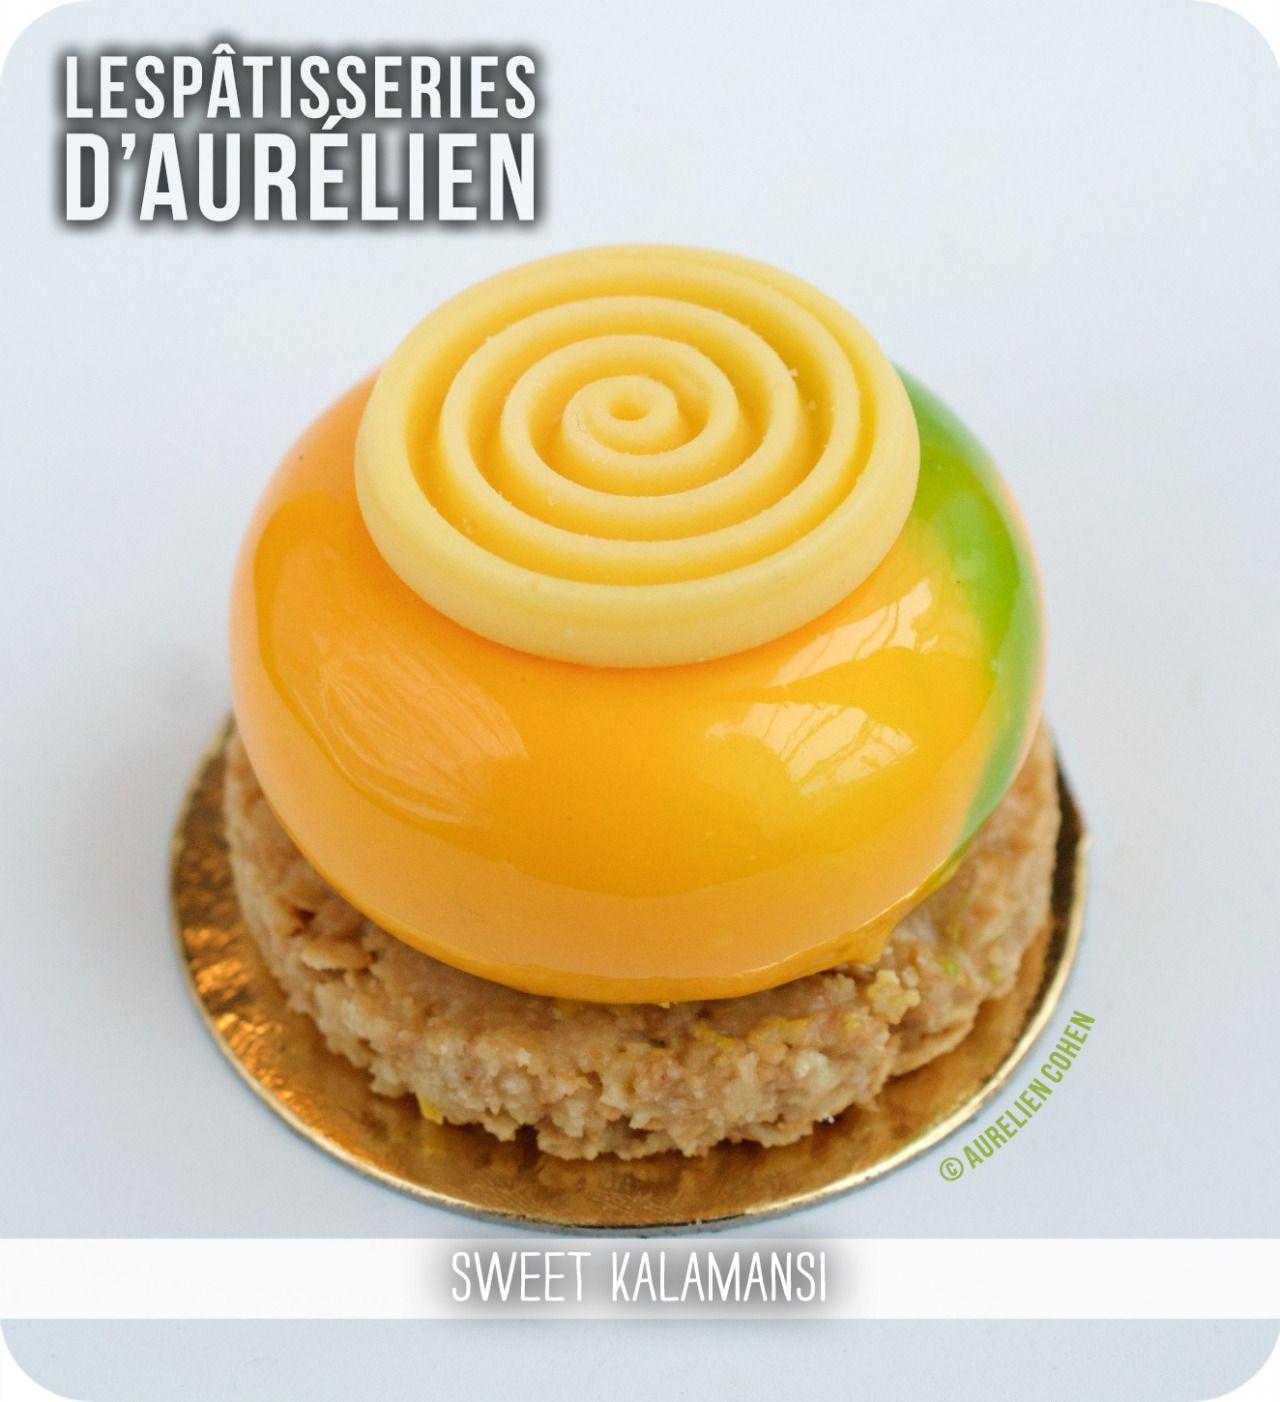 Sweet Kalamansi La Recette Par Aurelien Cohen Pour 8